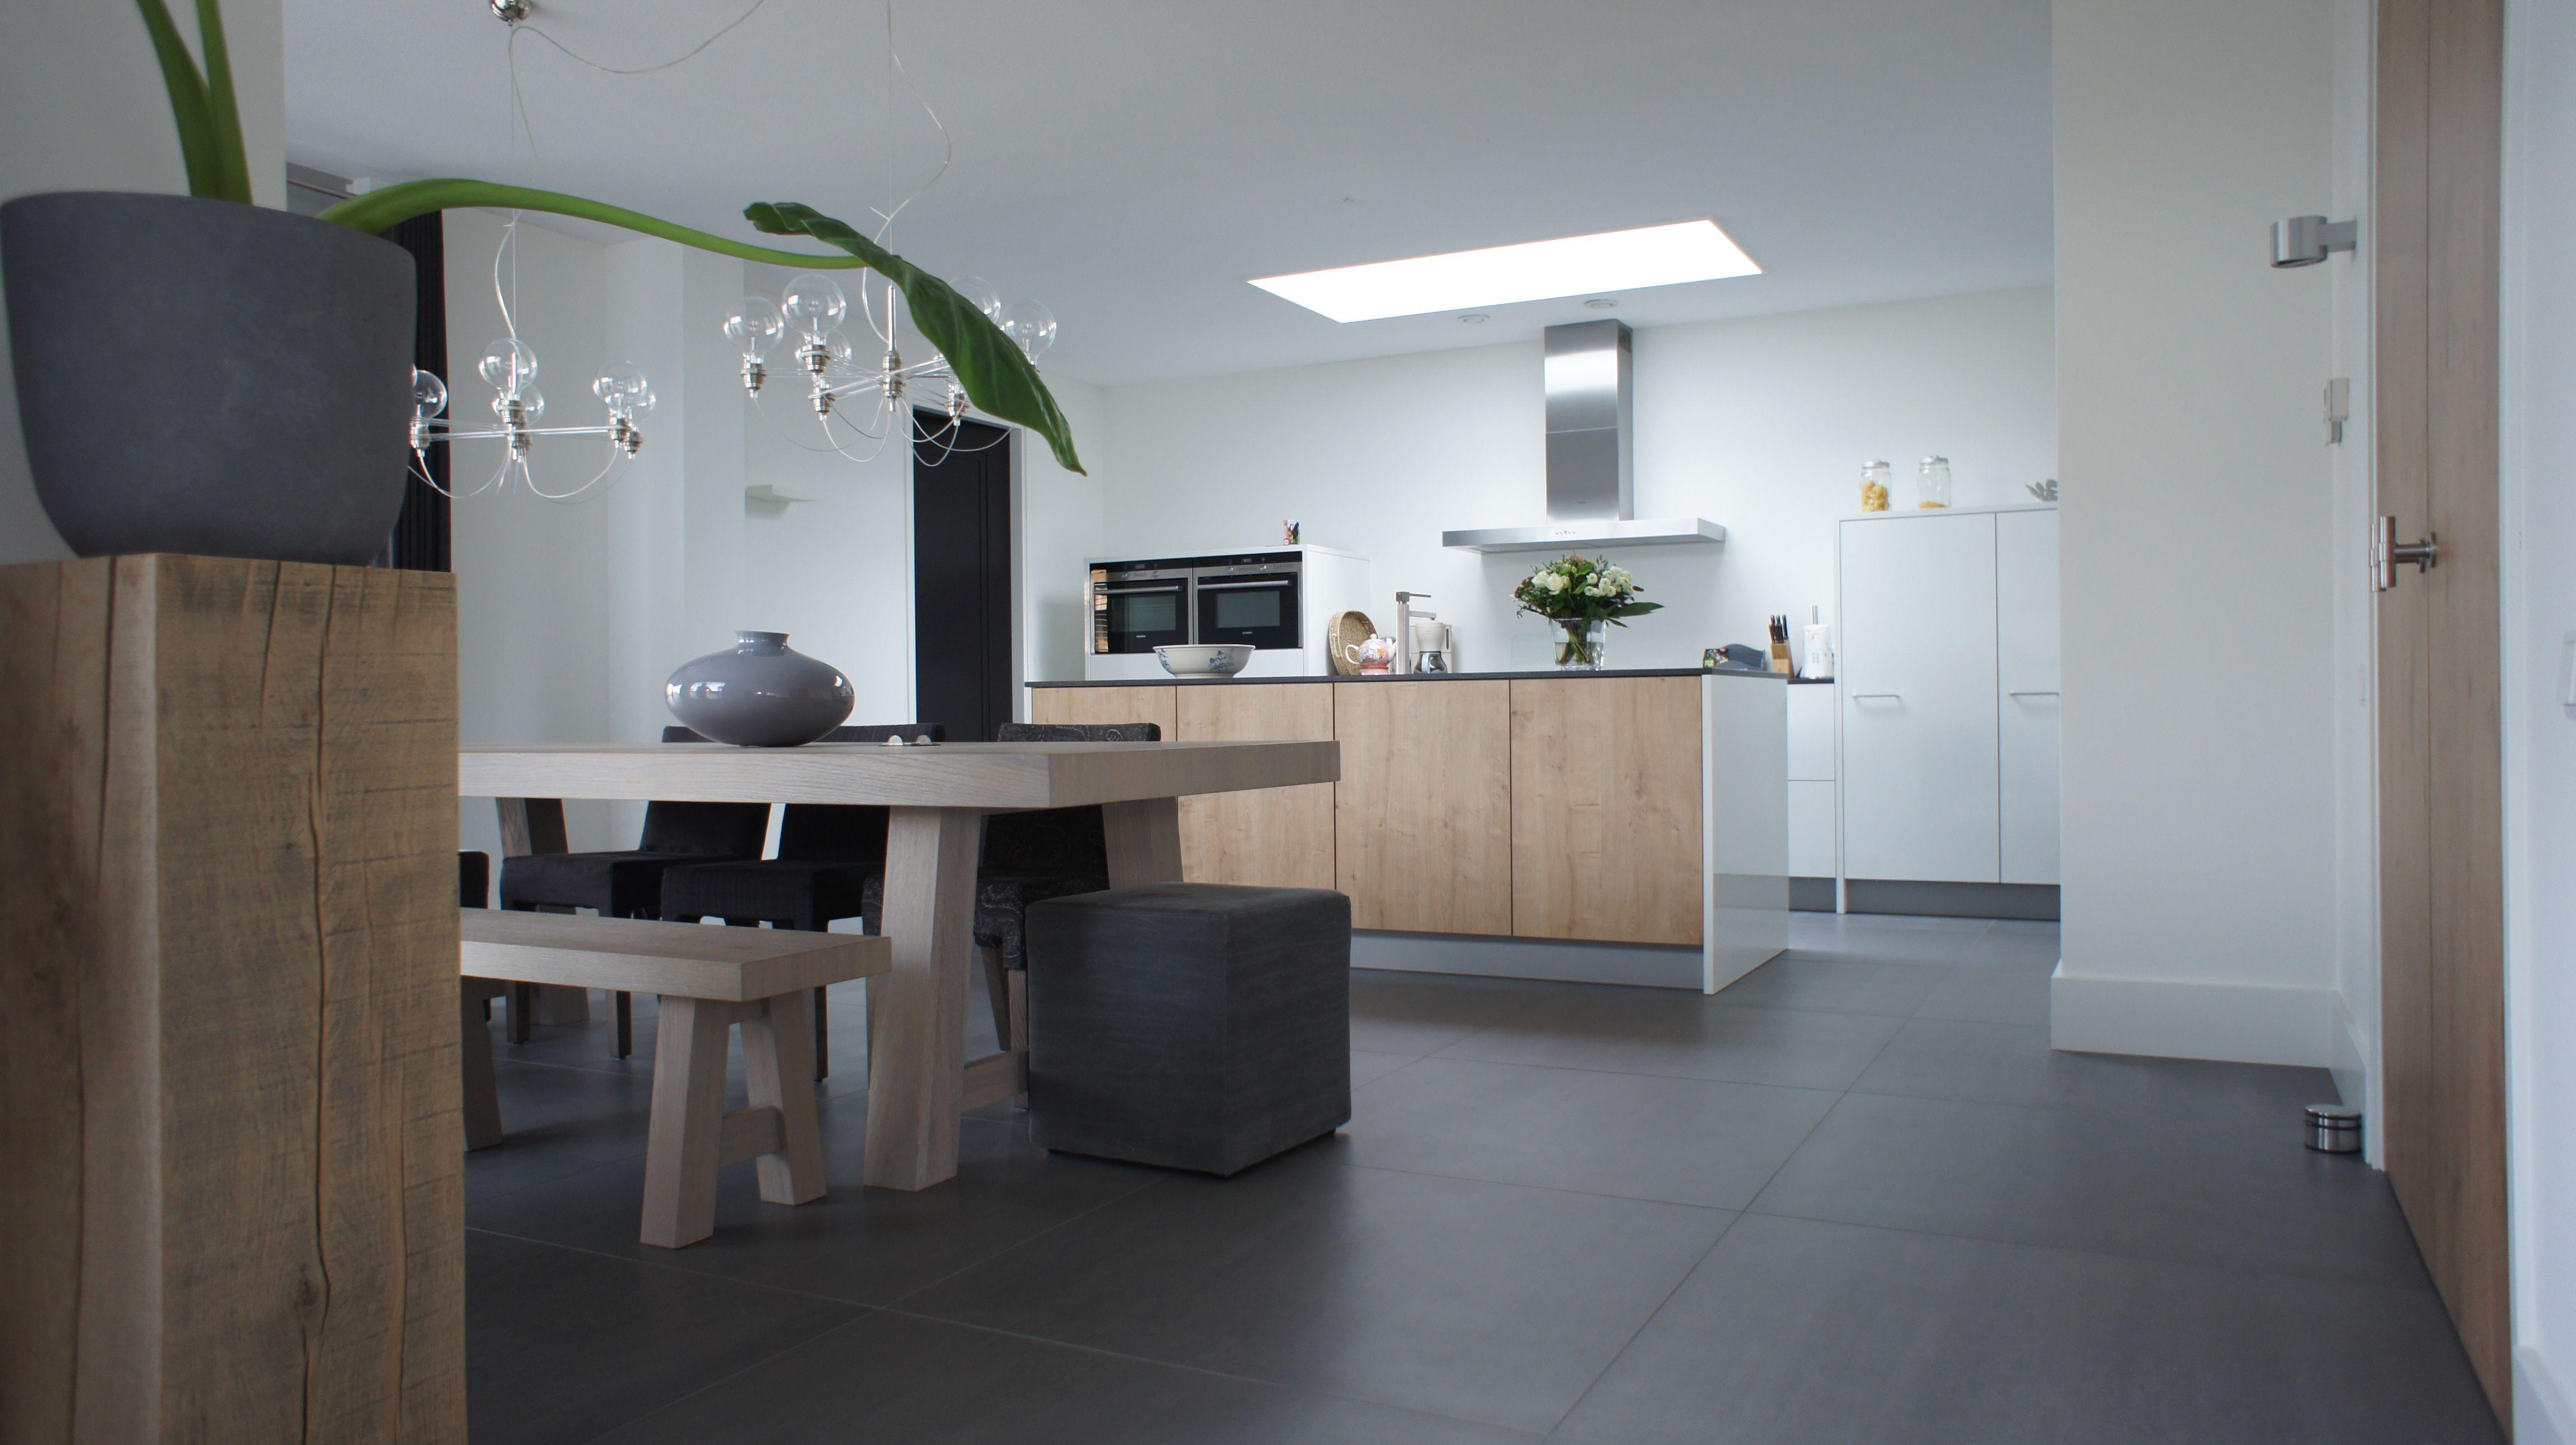 tegelvloer betonlook antraciet 100 x 100 cm keuken totaal